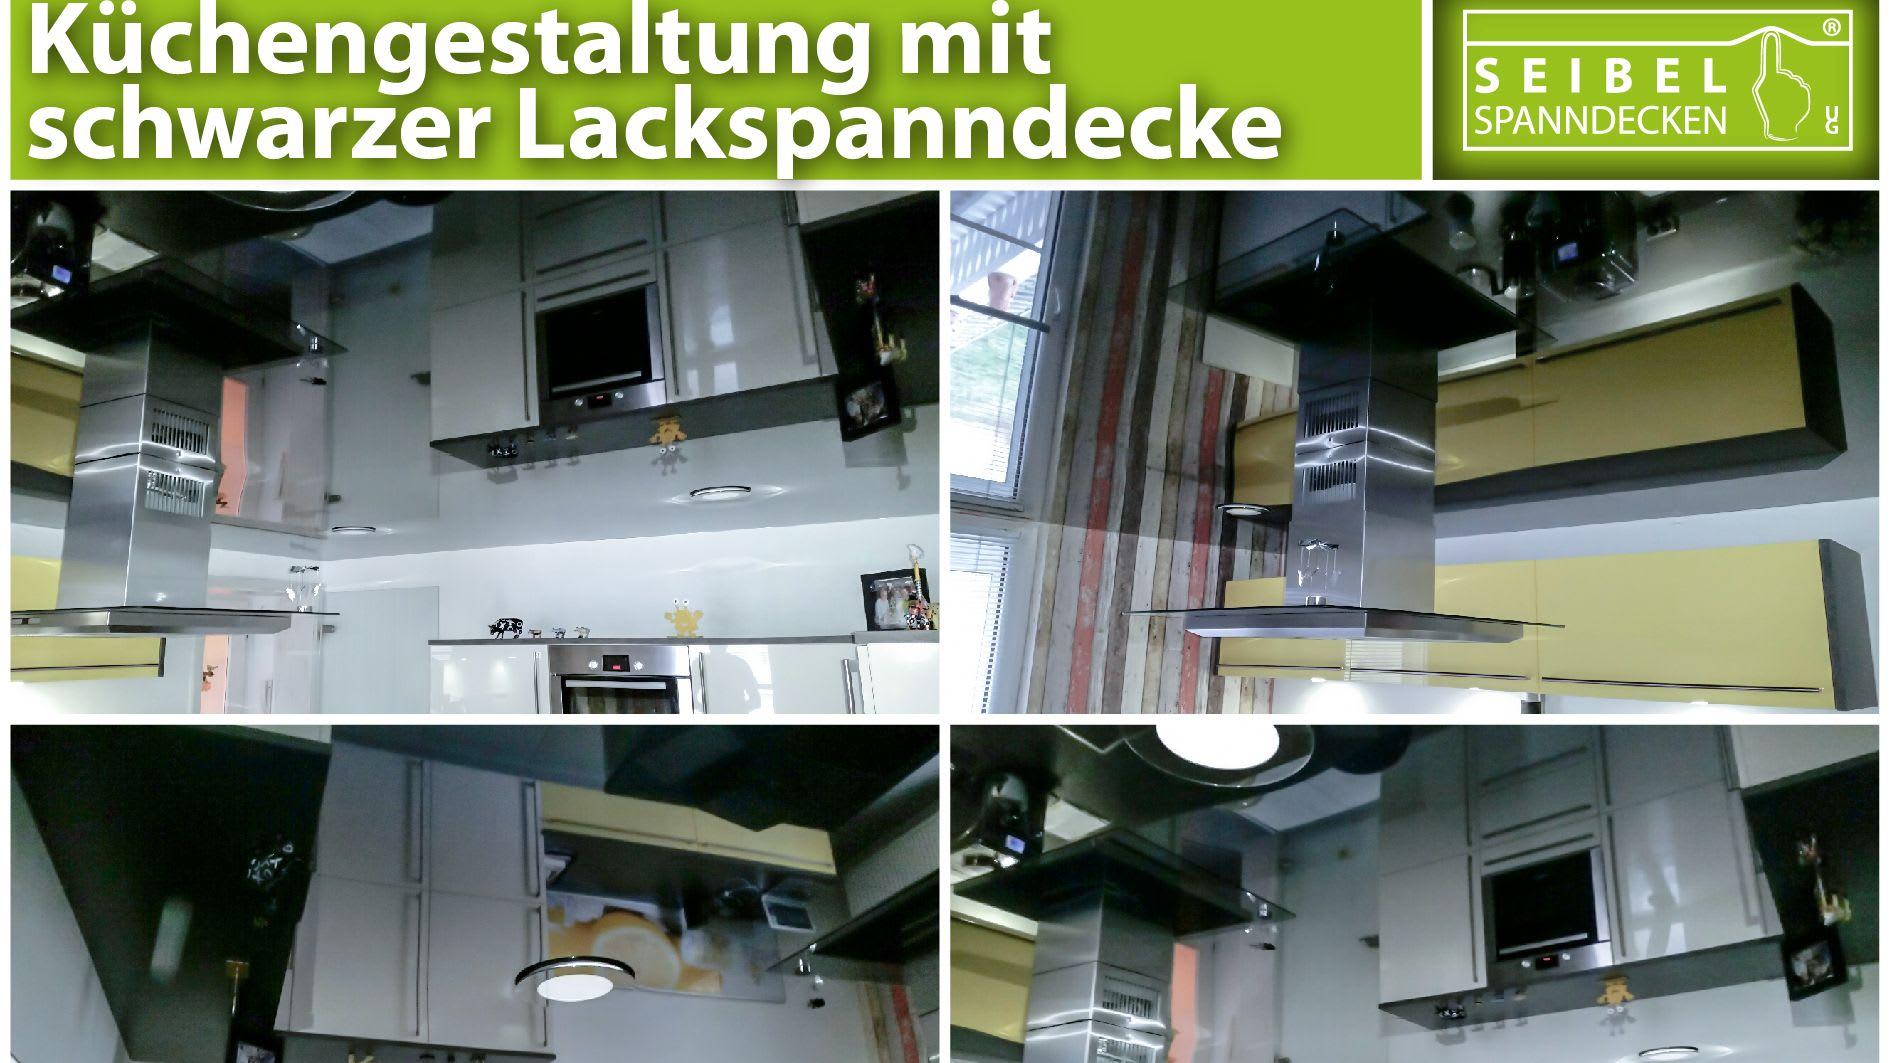 Küchengestaltung mit schwarzer Lackspanndecke Collage